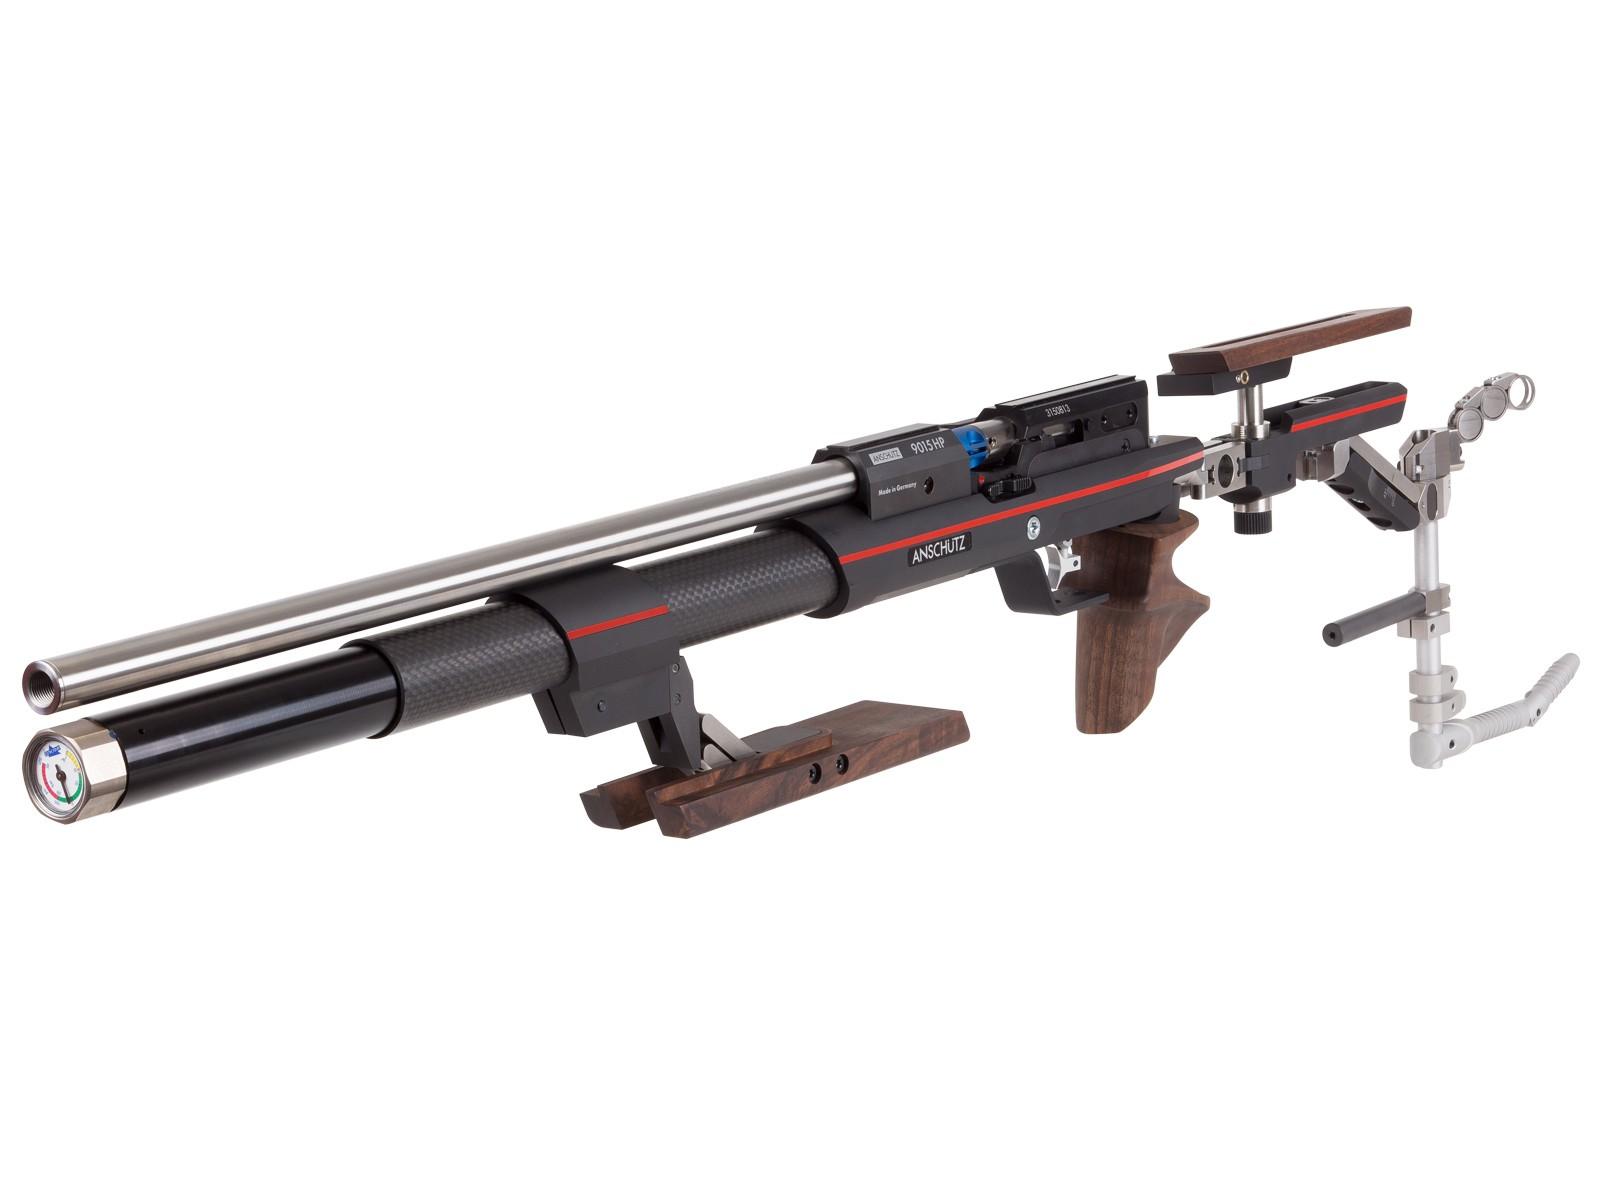 Anschutz 9015 HP